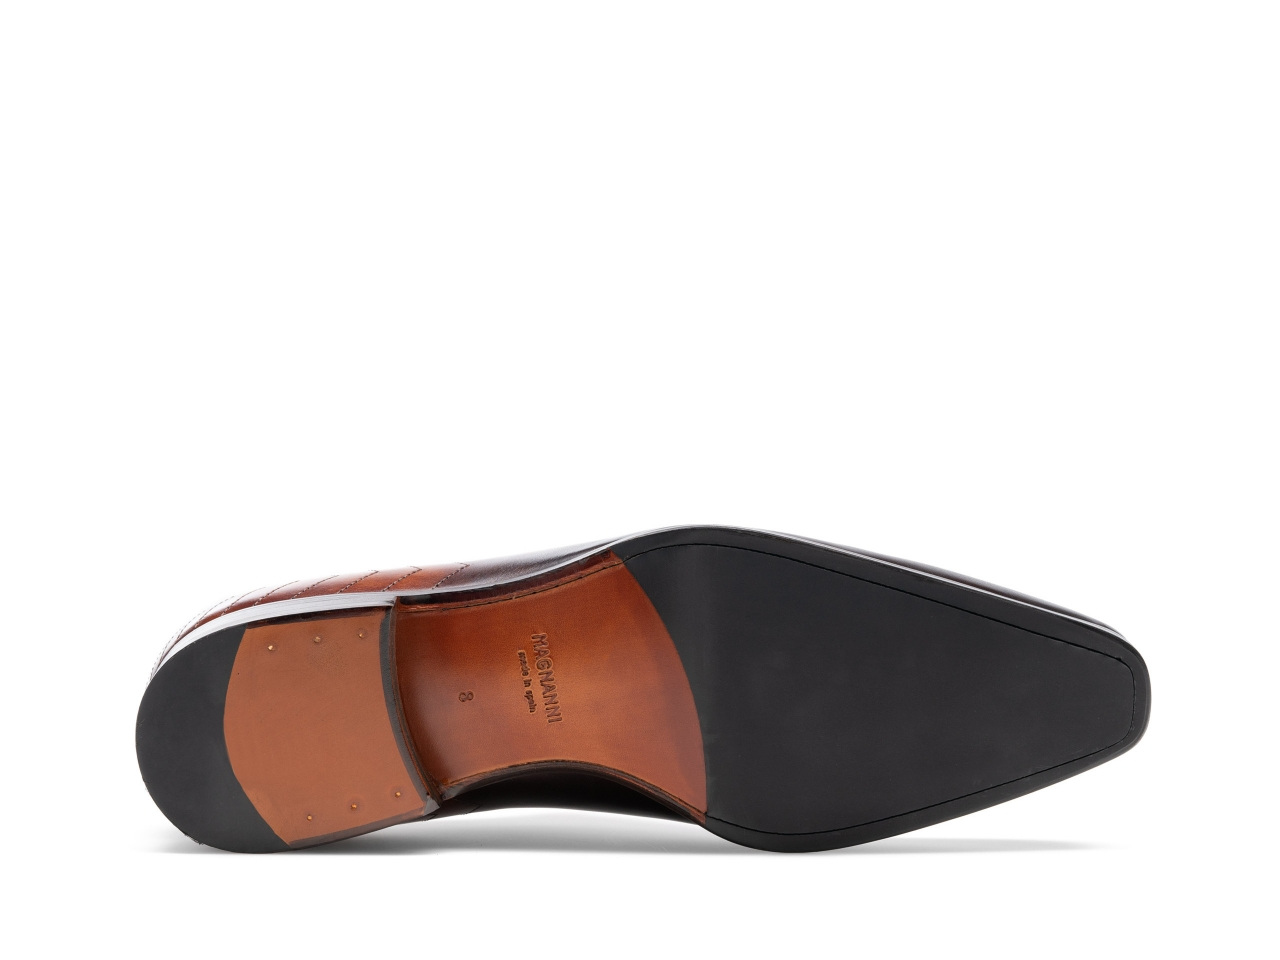 The sole of the Estovan